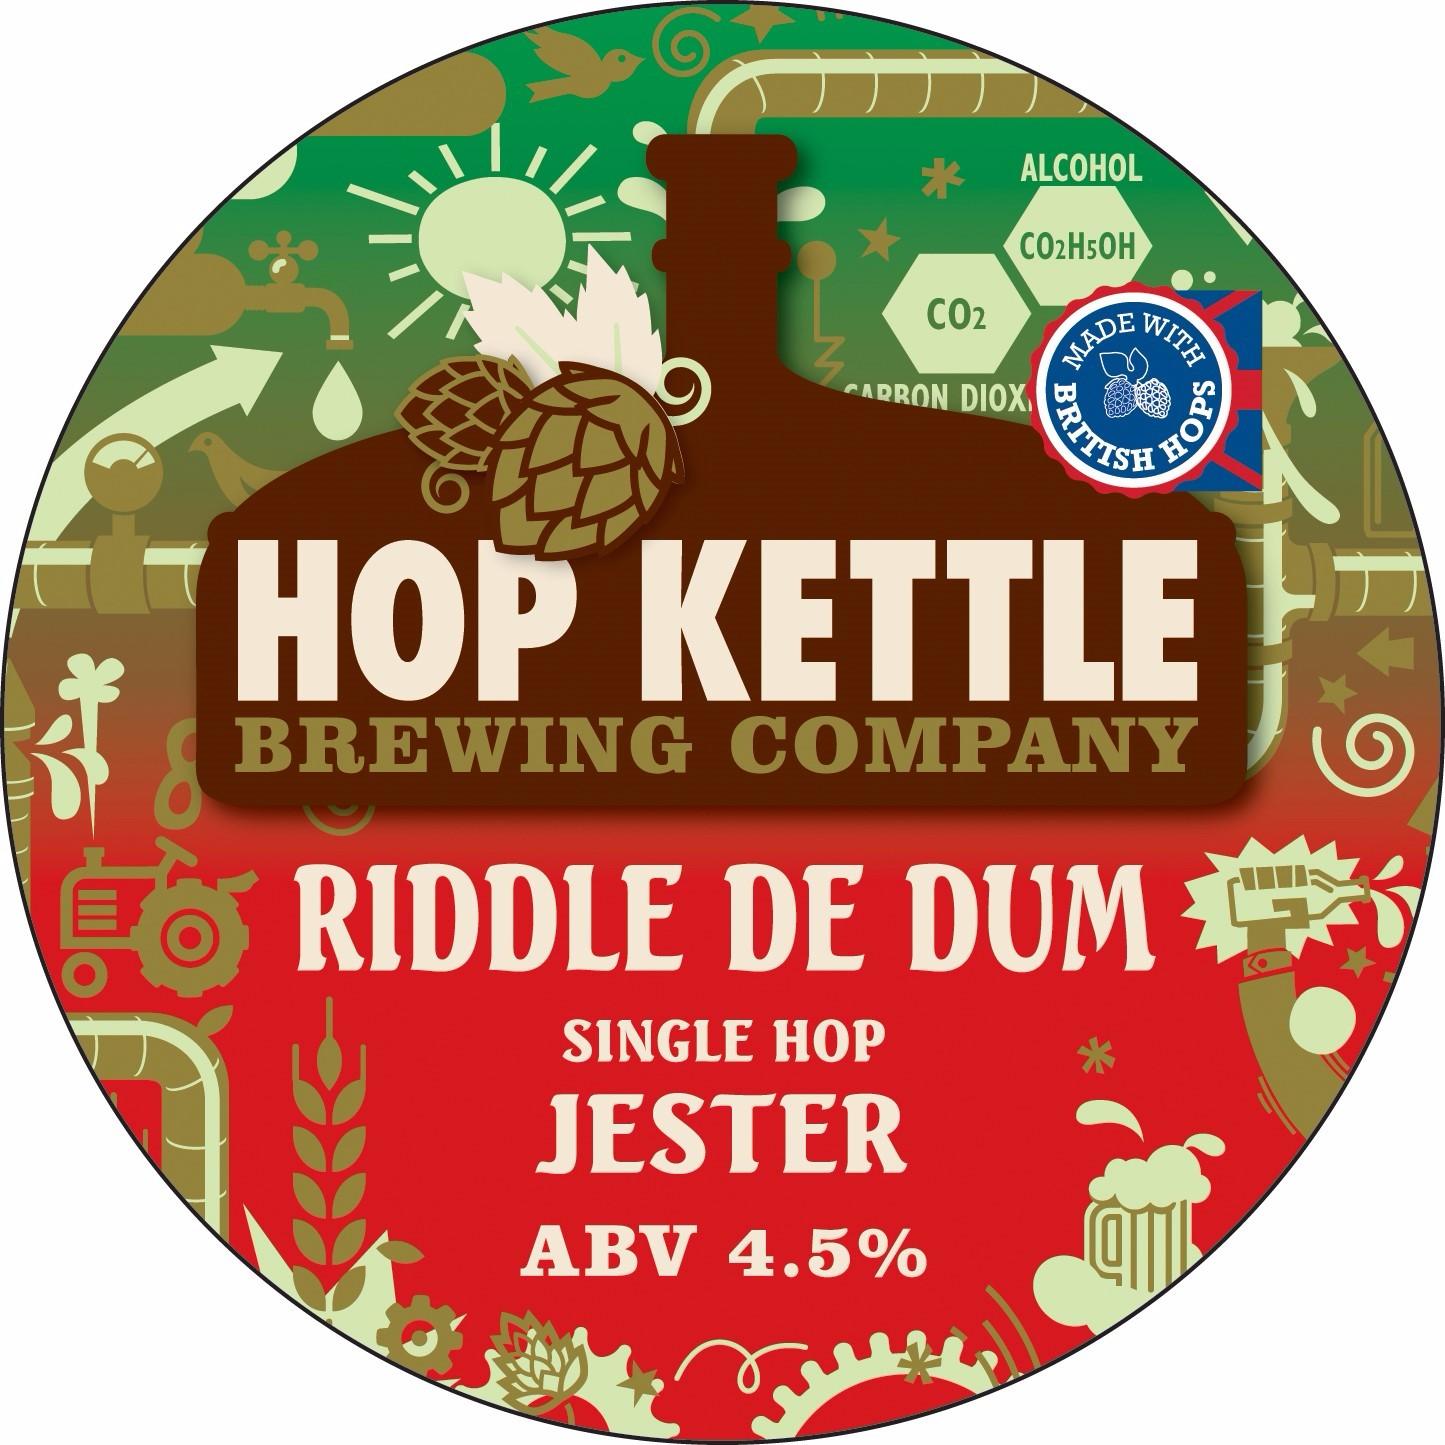 Hop Kettle Riddle de Dum